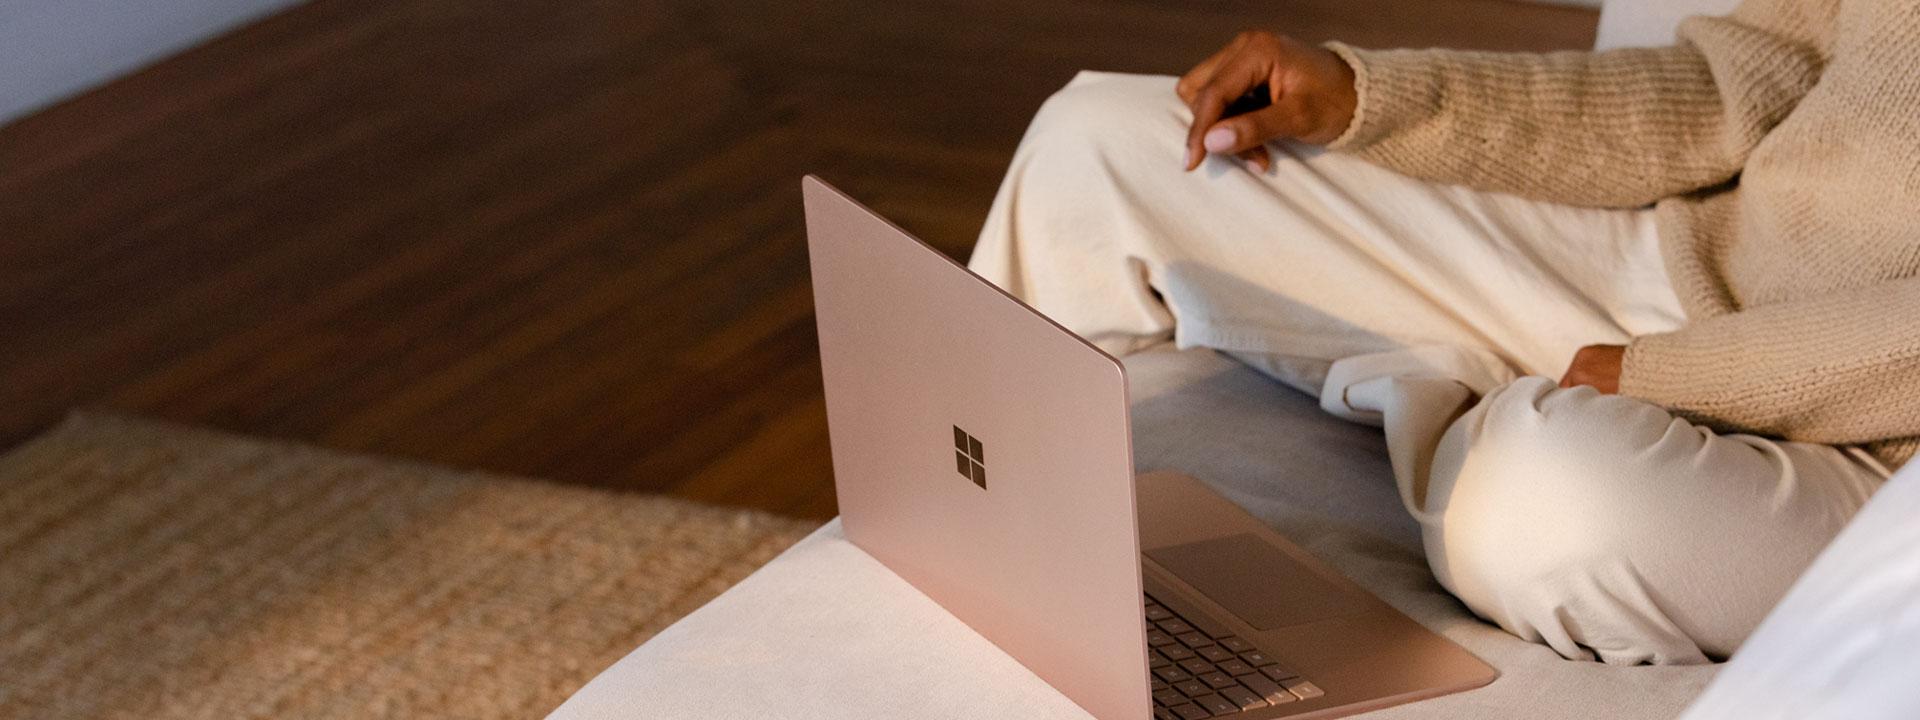 一位女性坐在沙发上,面前放着 Surface Laptop 3